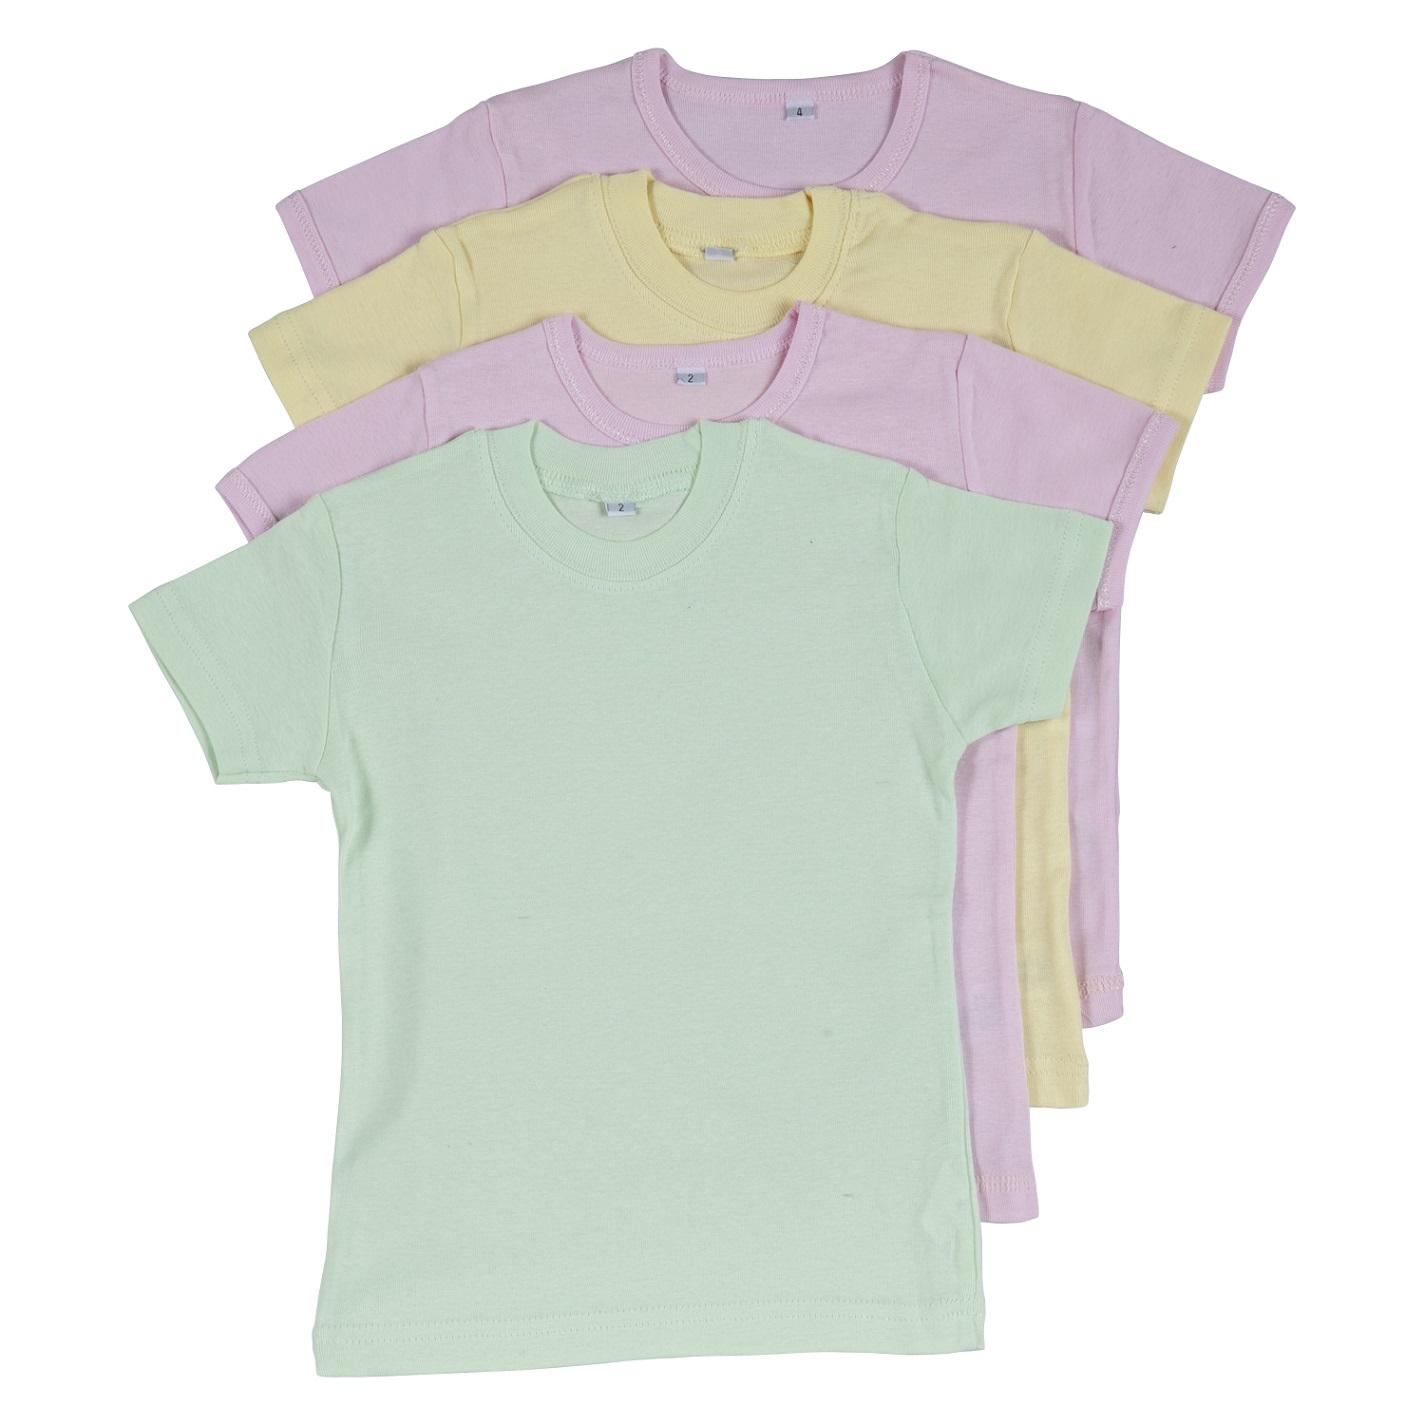 רביעיית חולצות ריפ 2 ורוד בייבי-צהוב-ירוק